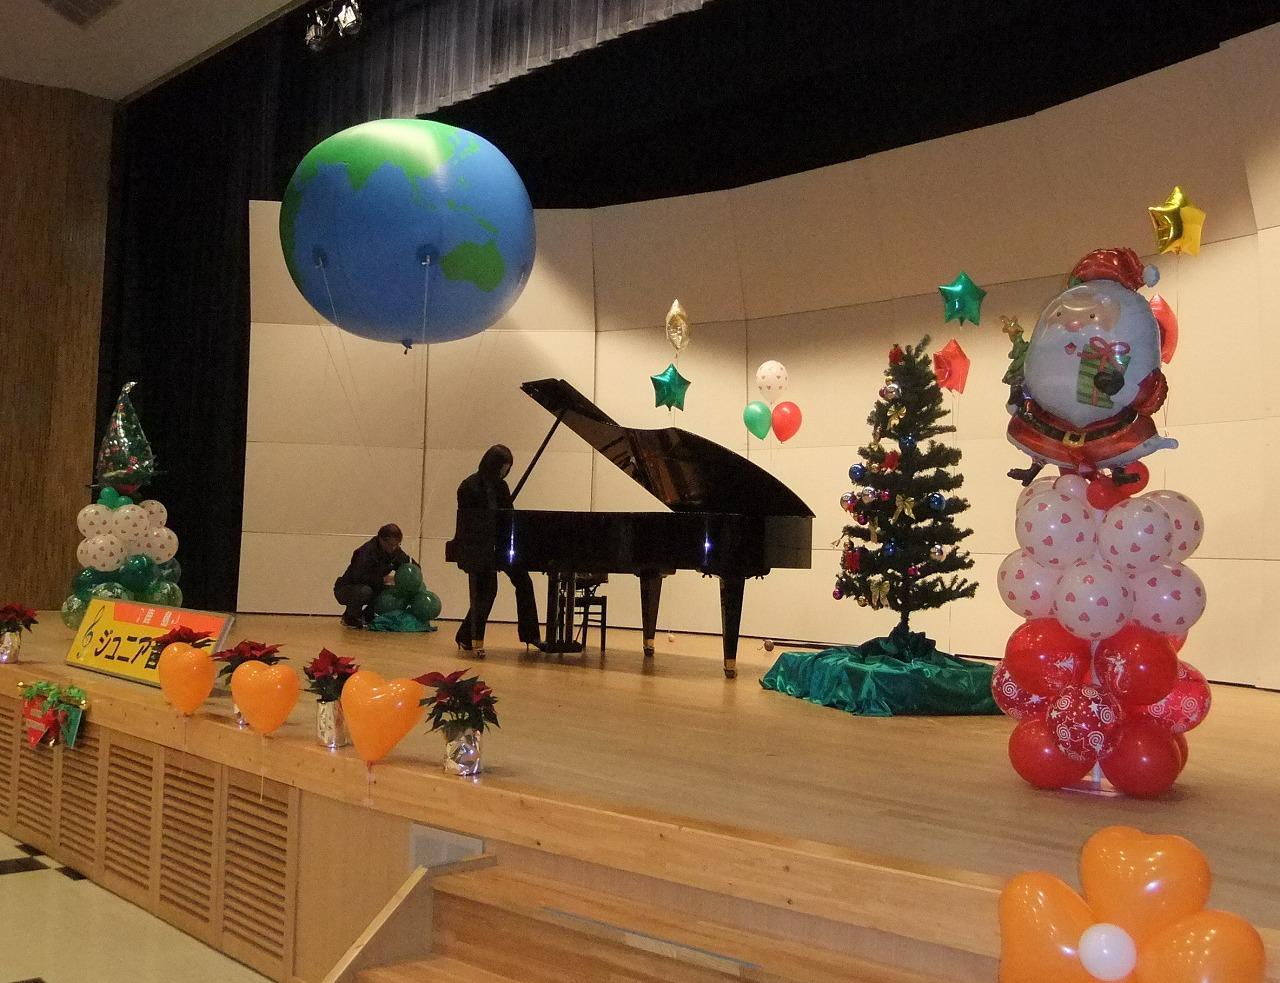 子供達のXmasミニコンサート。大きな地球儀のバルーンが登場!夢が広がる舞台となりました(^-^)